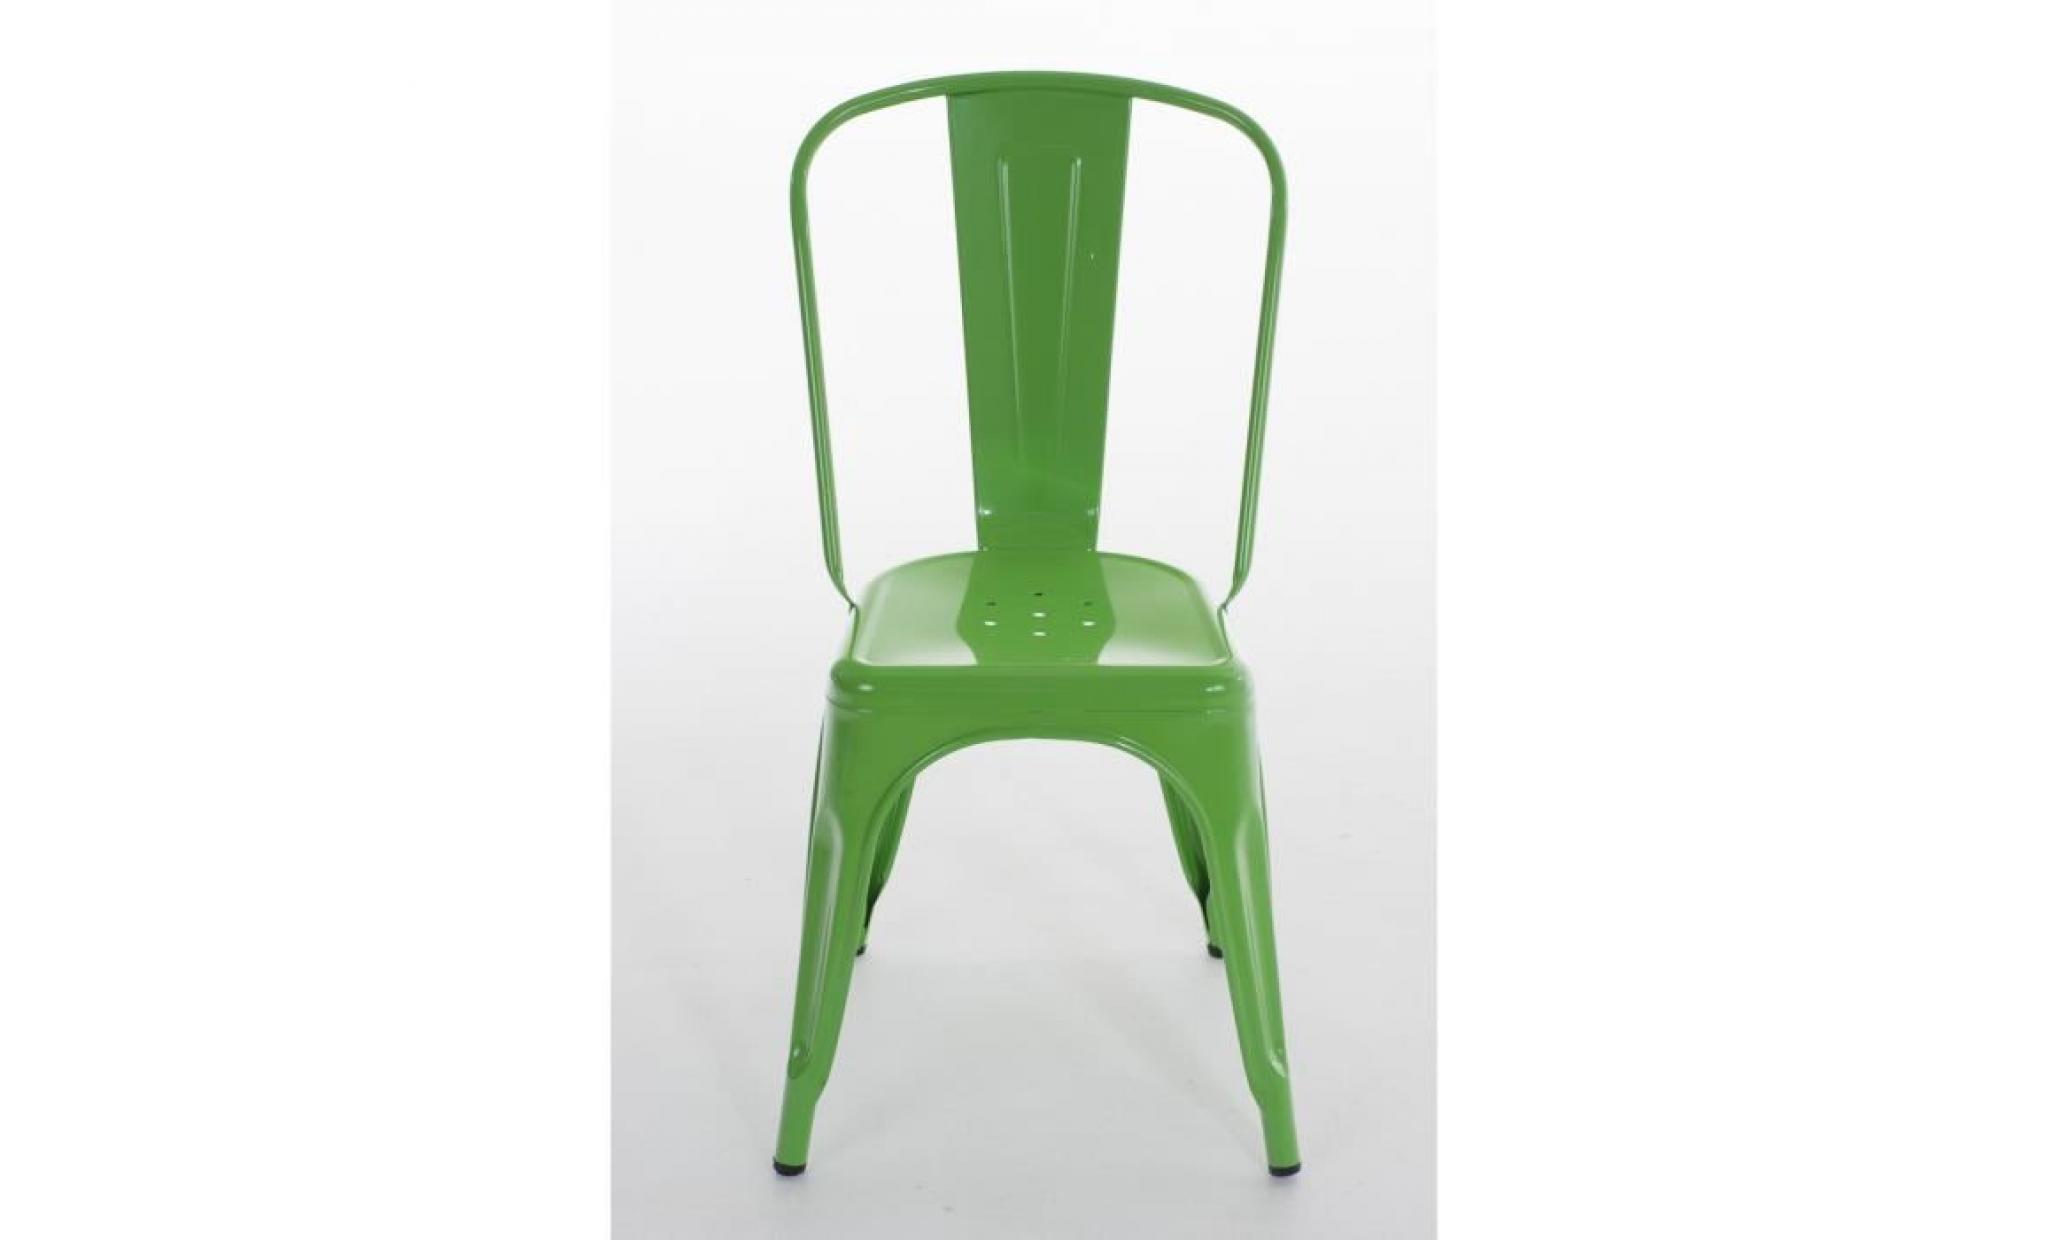 clp chaise empilable en m tal benedikt hauteur de l assise 48 cm classique robuste. Black Bedroom Furniture Sets. Home Design Ideas